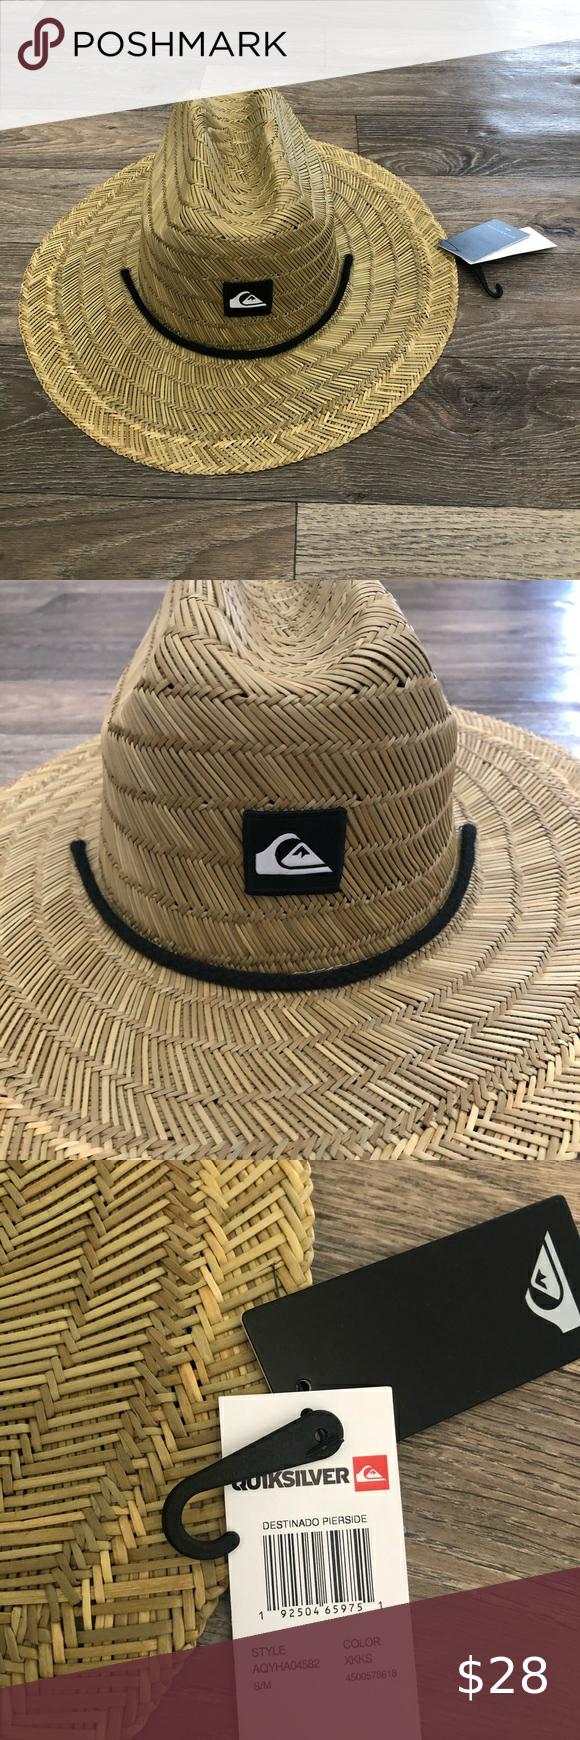 New Mens Quicksilver Pierside Straw Hat Nwt S M Straw Hat Hats Men